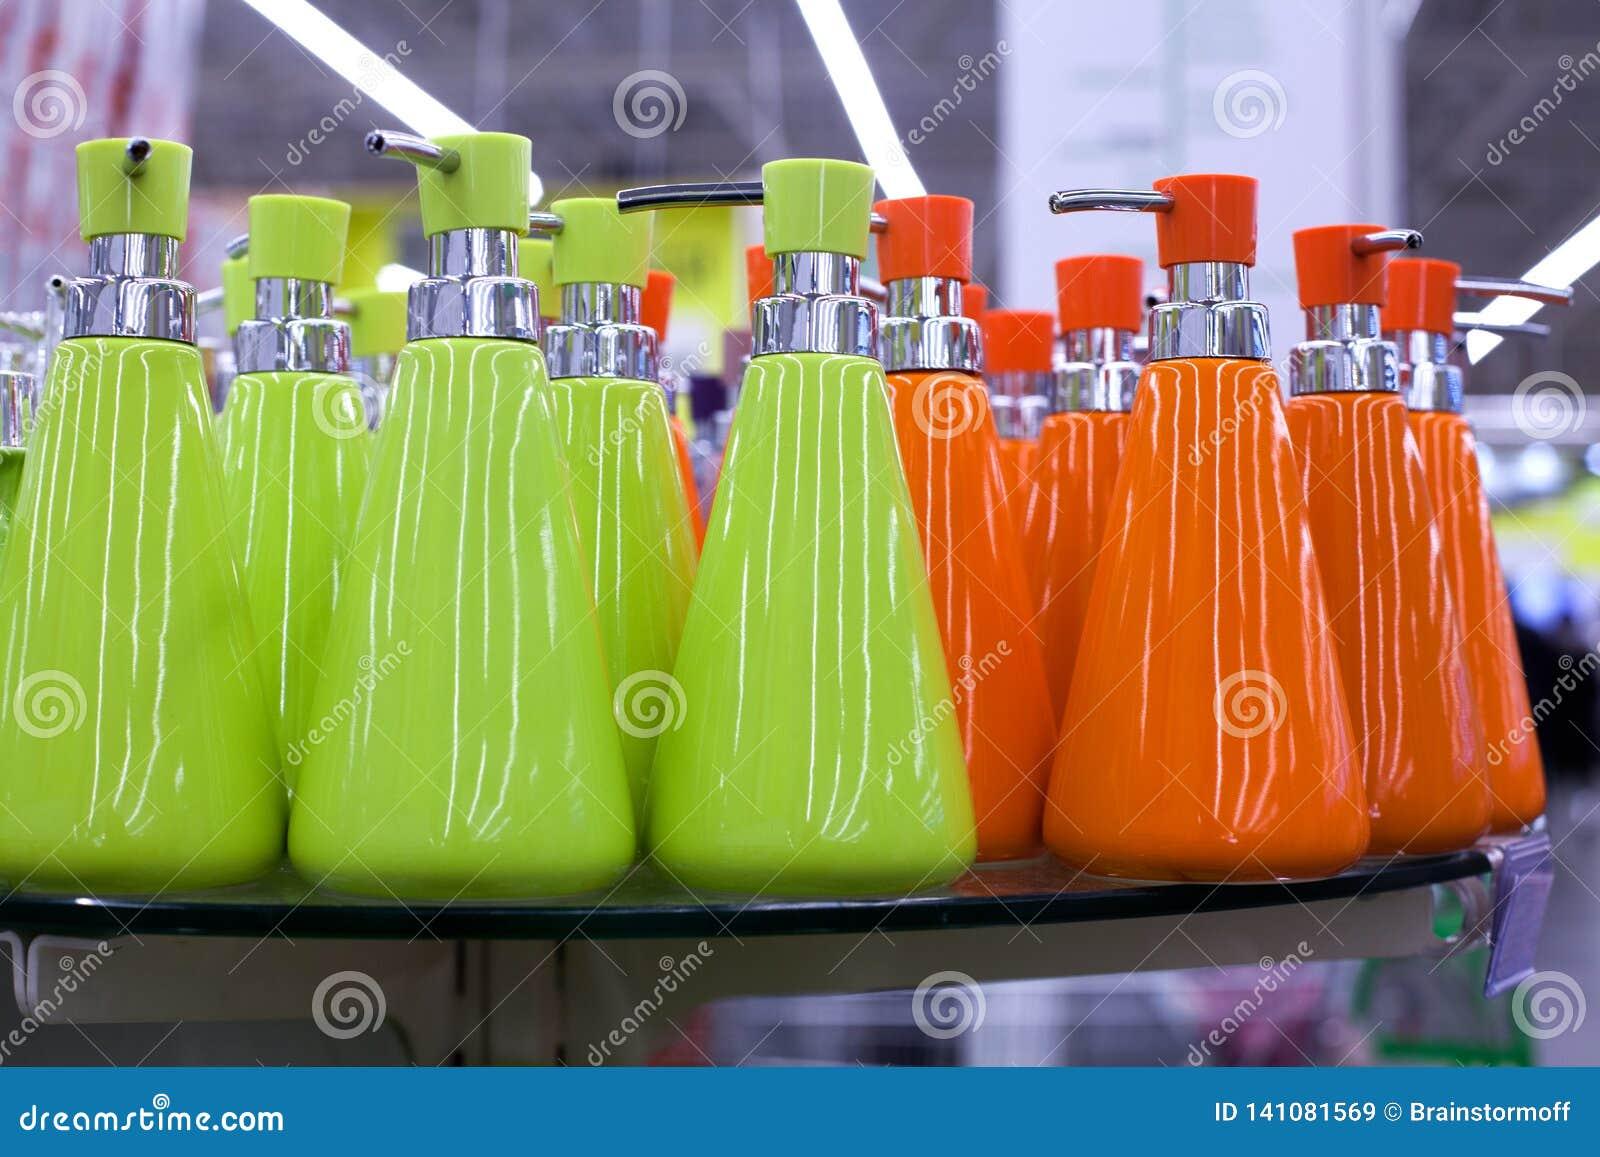 液体皂、卫生间陶瓷辅助部件以绿色和橘黄色的浴皂盒分配器在玻璃搁置在商店关闭